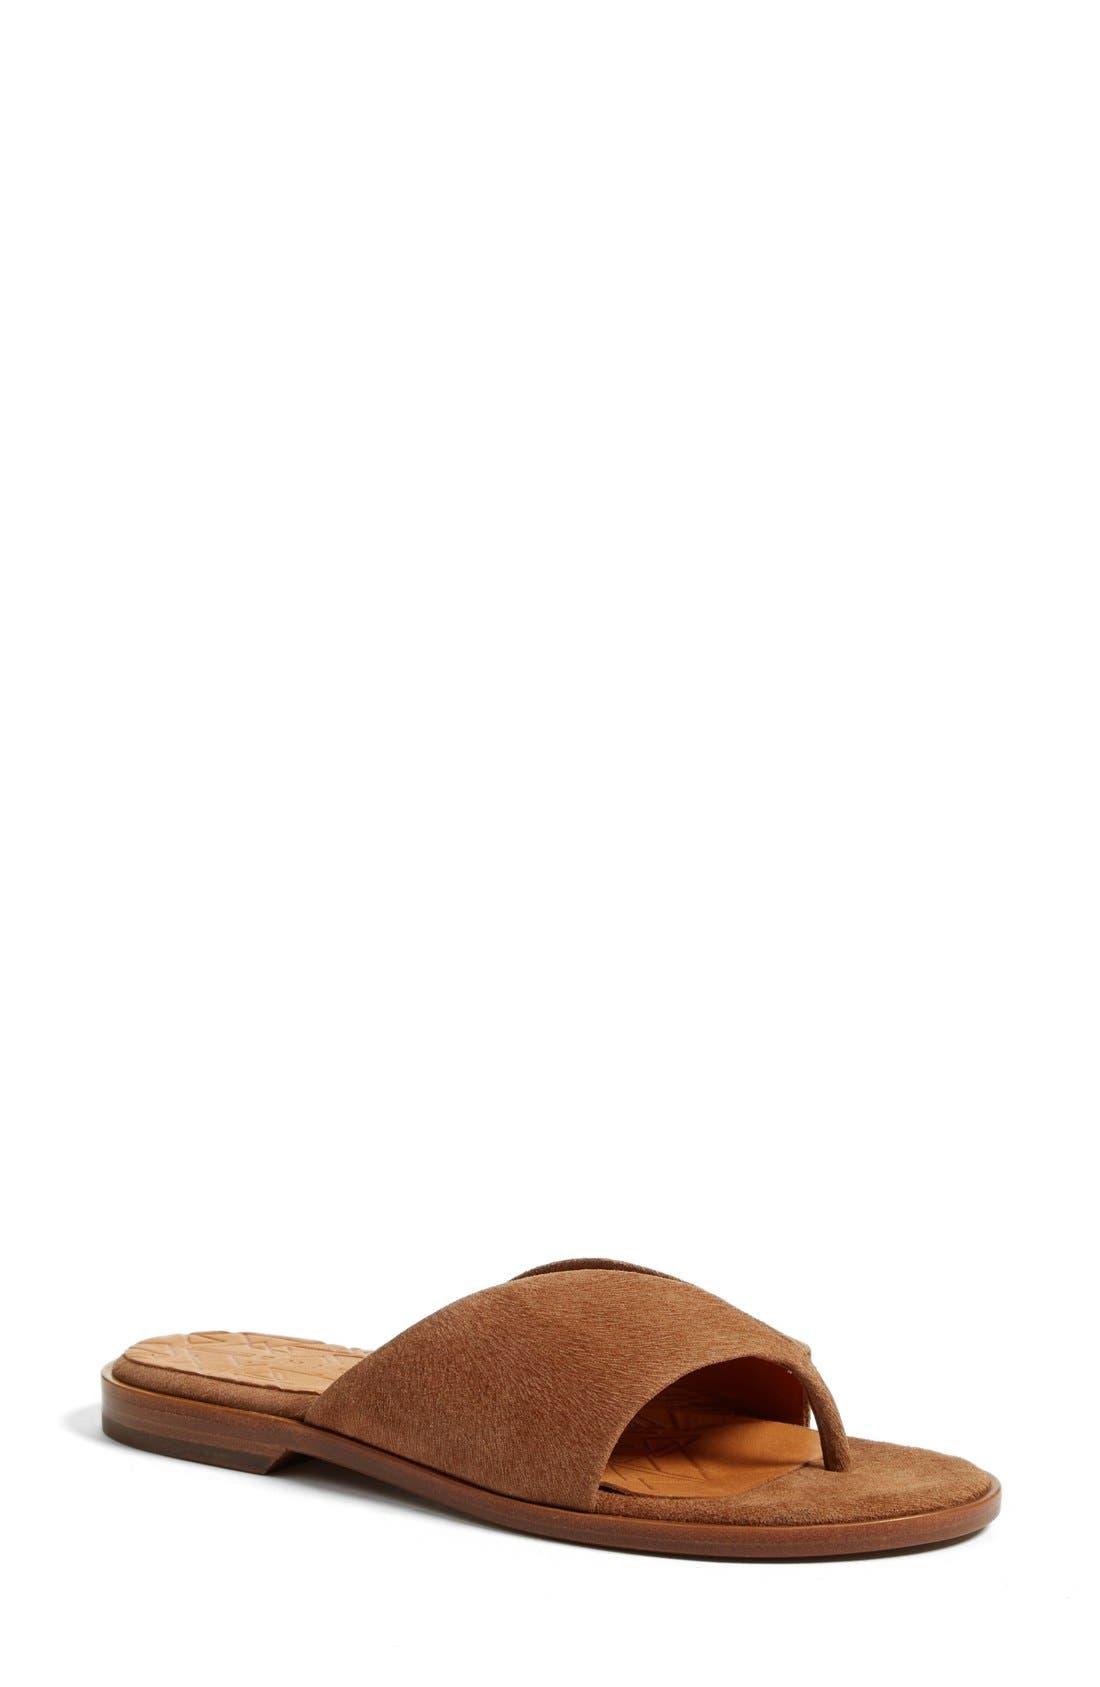 Quepa Flip Flop,                         Main,                         color, Terra